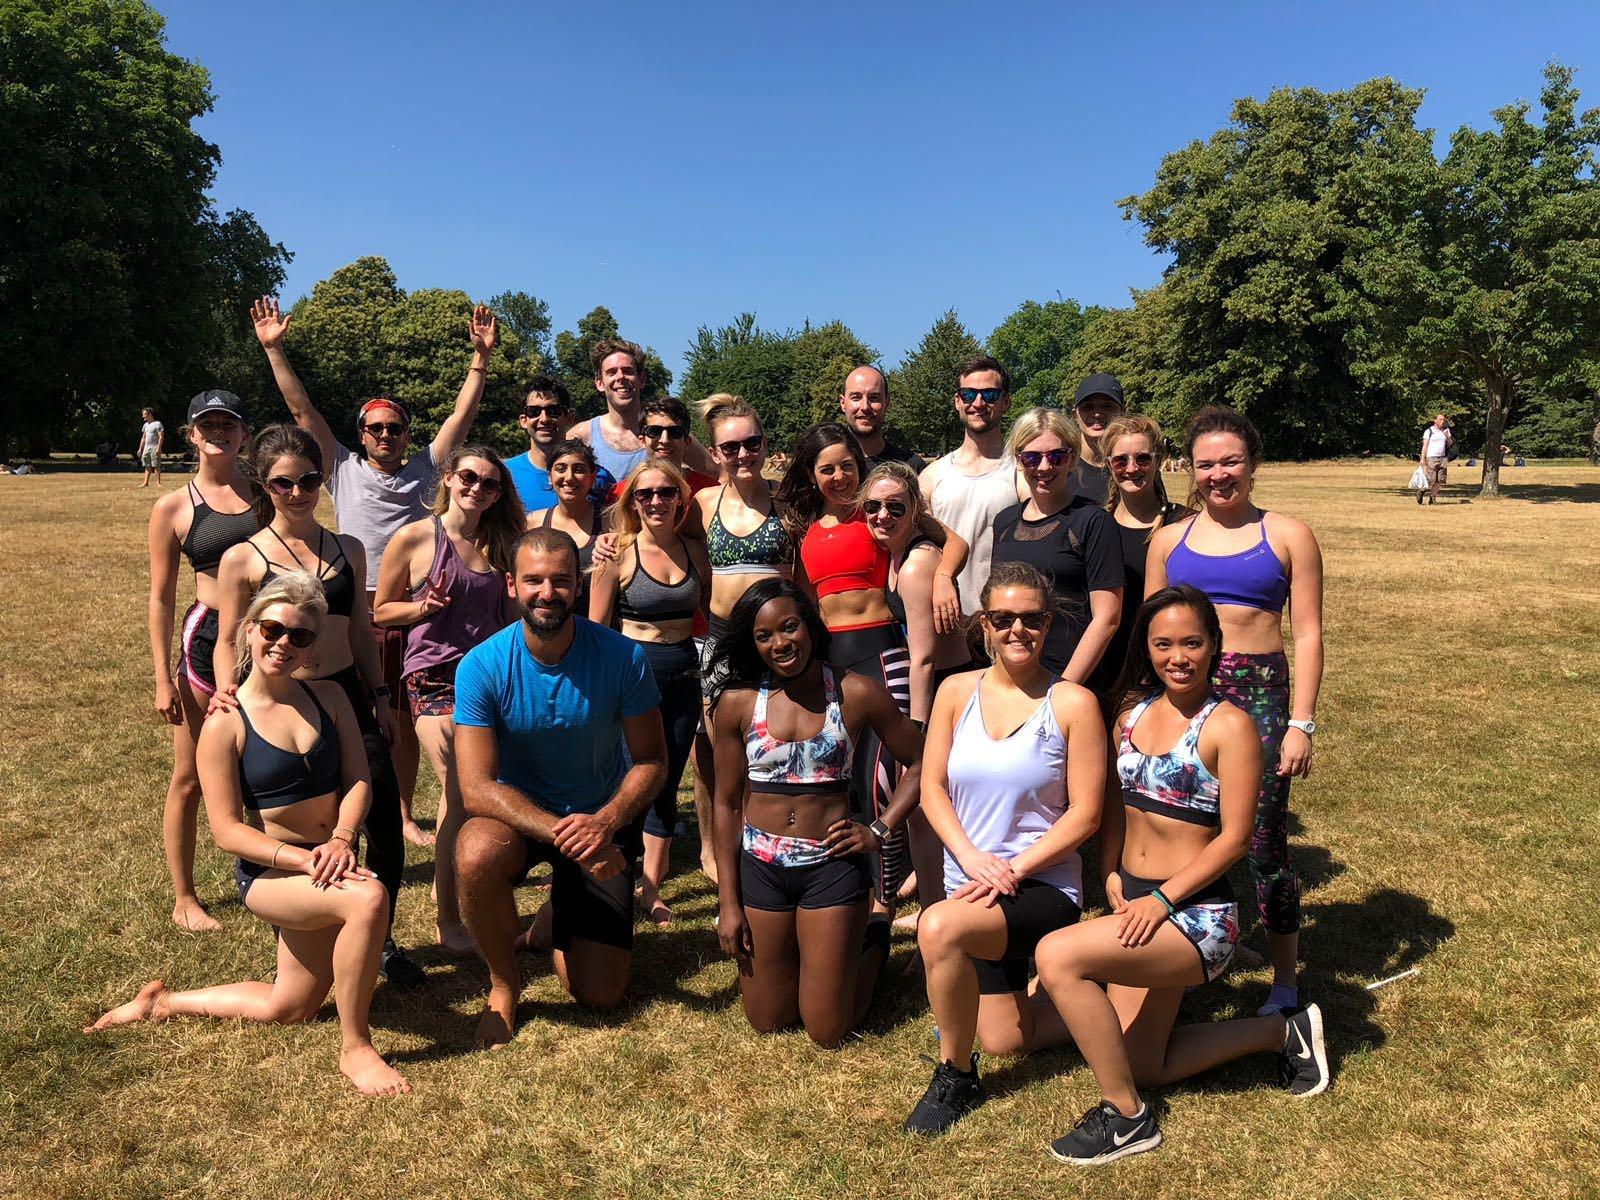 AK Fit Club x Yeh Yoga - Summer Special 2018